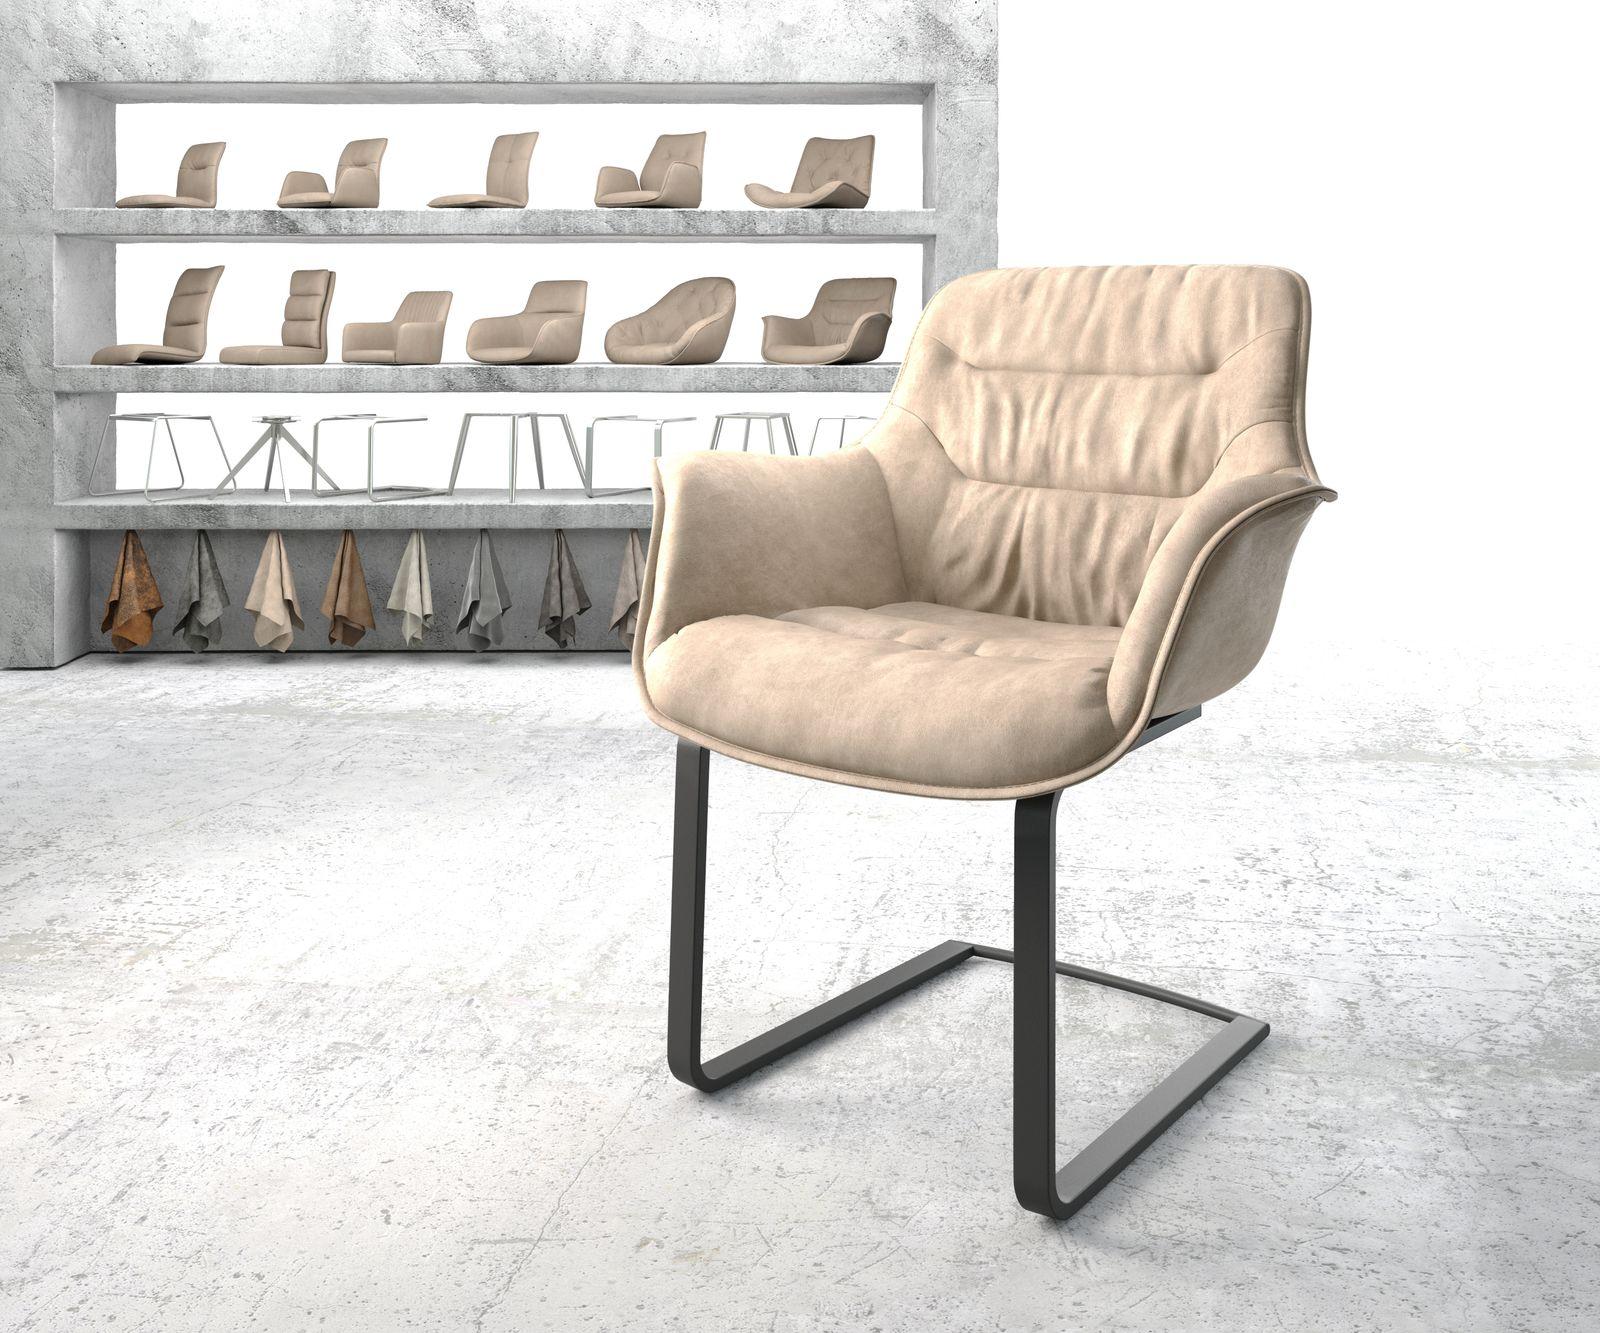 delife-armlehnstuhl-kaira-flex-beige-vintage-freischwinger-flach-schwarz-freischwinger